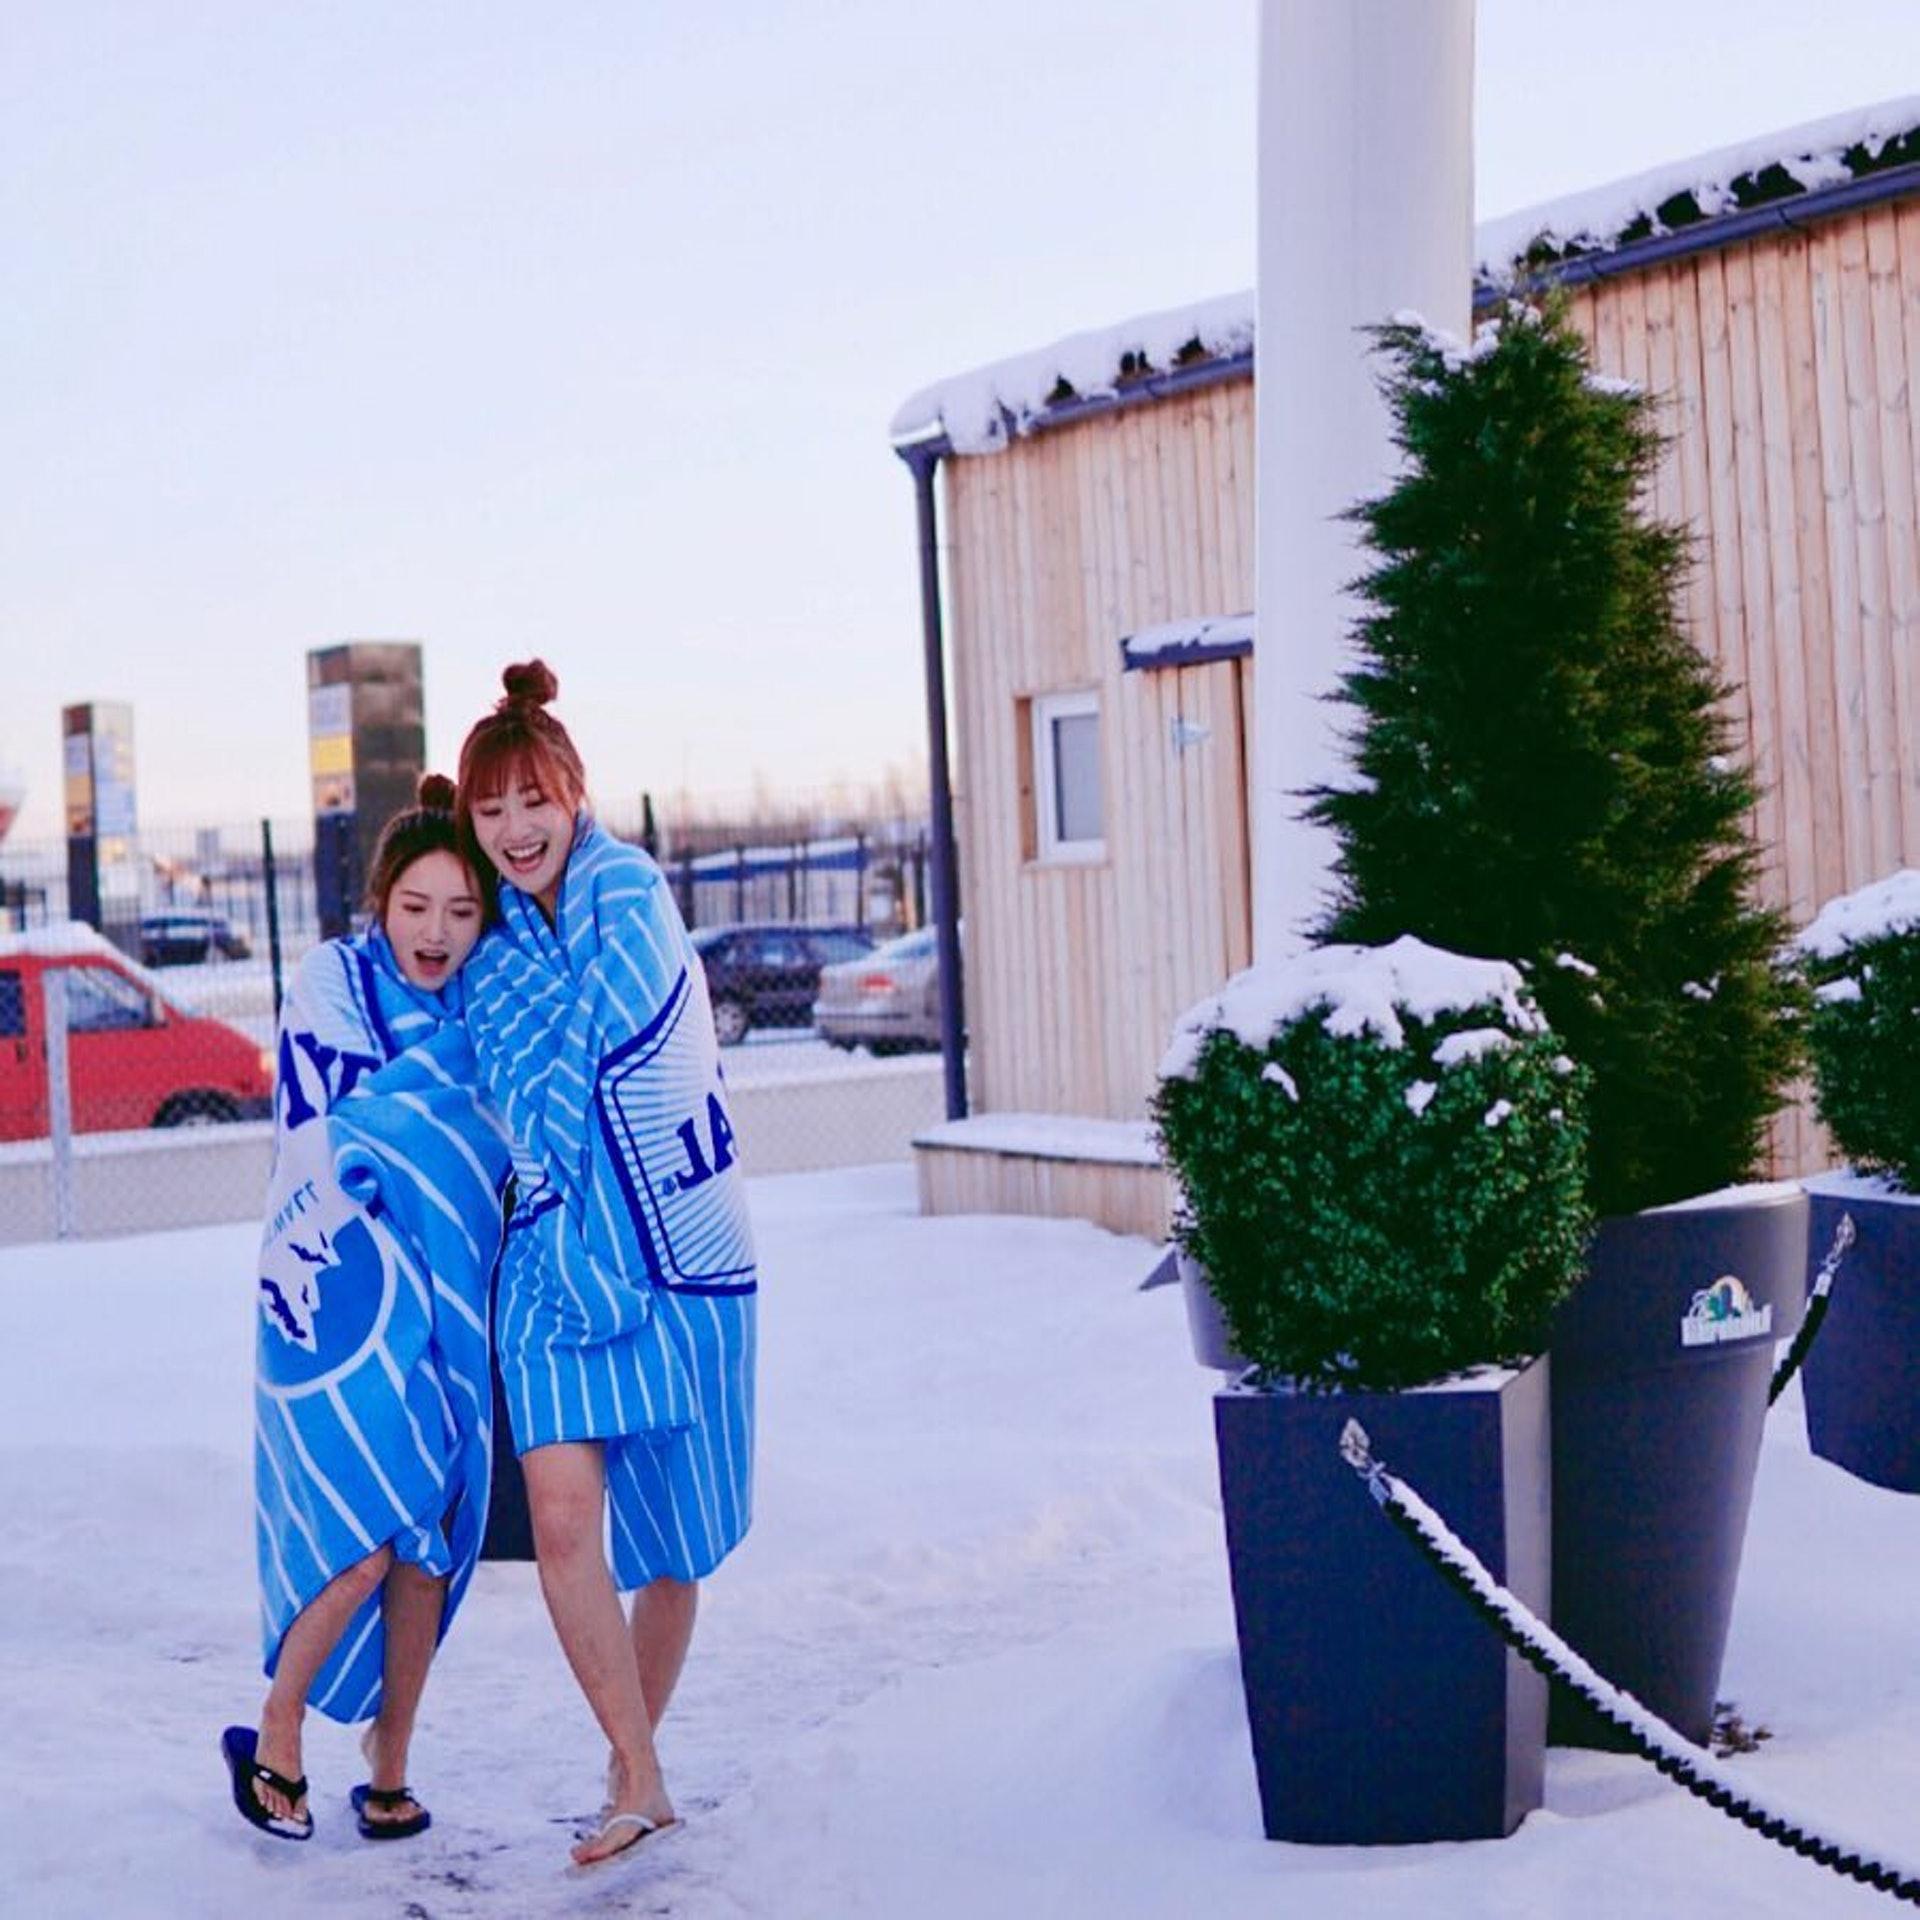 朱智賢(Ashley)、鄺潔楹(Judy)兩位是《3日2》常客,不過合作出Trip就係第一次。(受訪者提供)